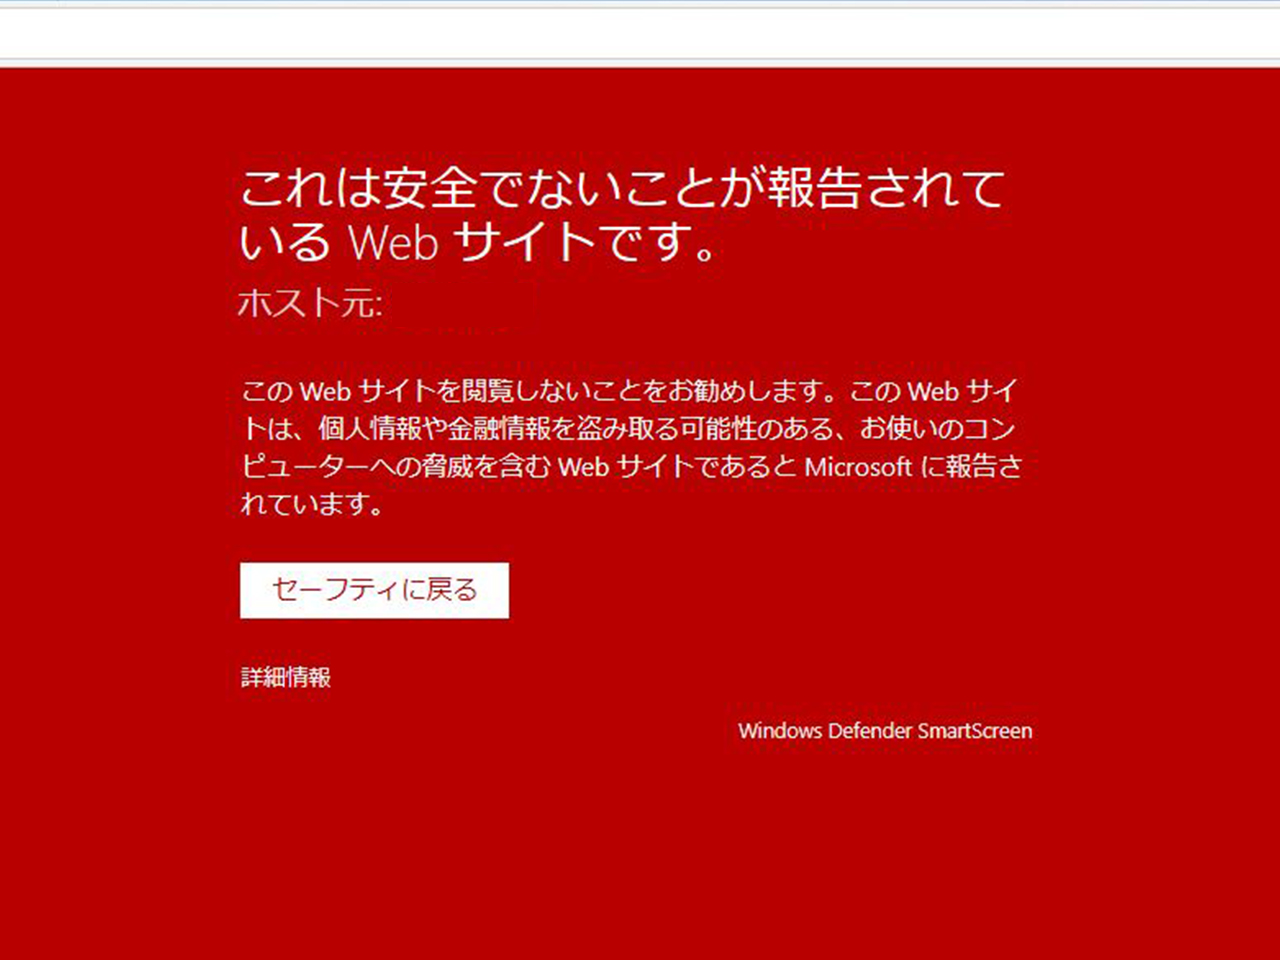 【解決済】SSL化したのにEdgeで警告が出る!報告したら即解決できた話。